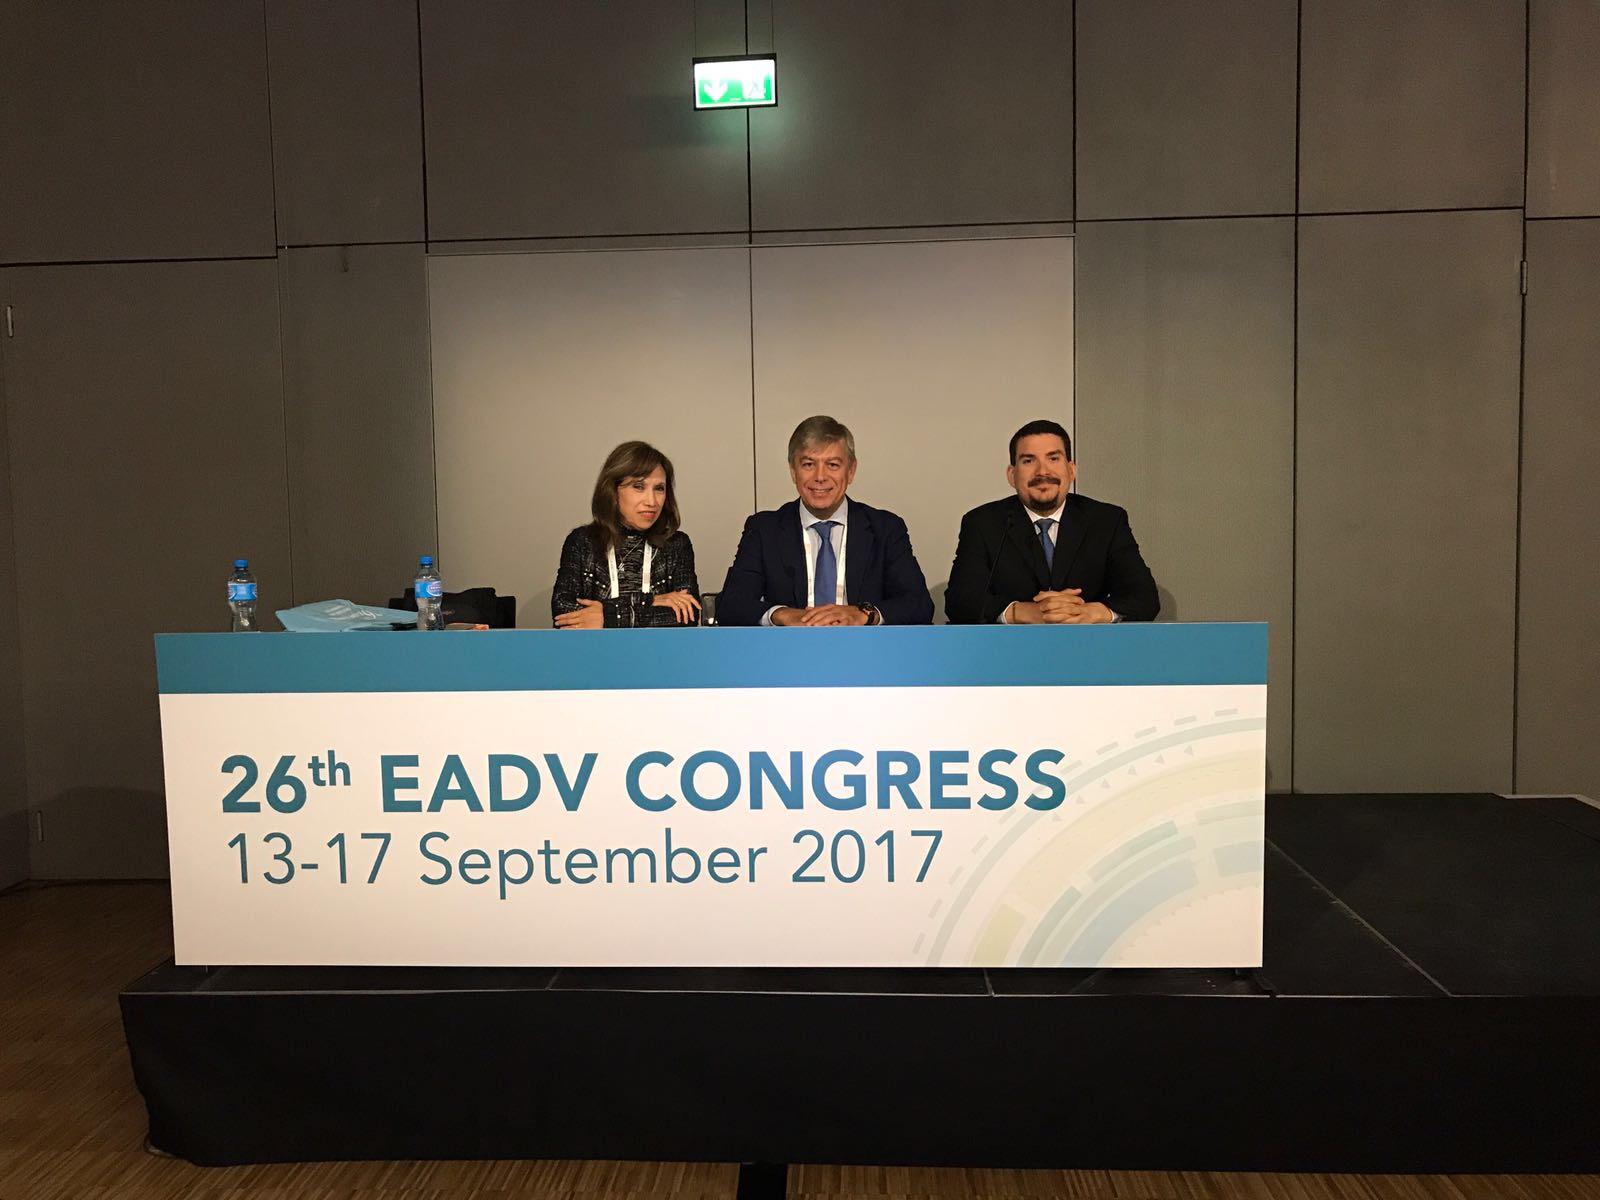 congreso ginebra - clínica dermatológica madrid